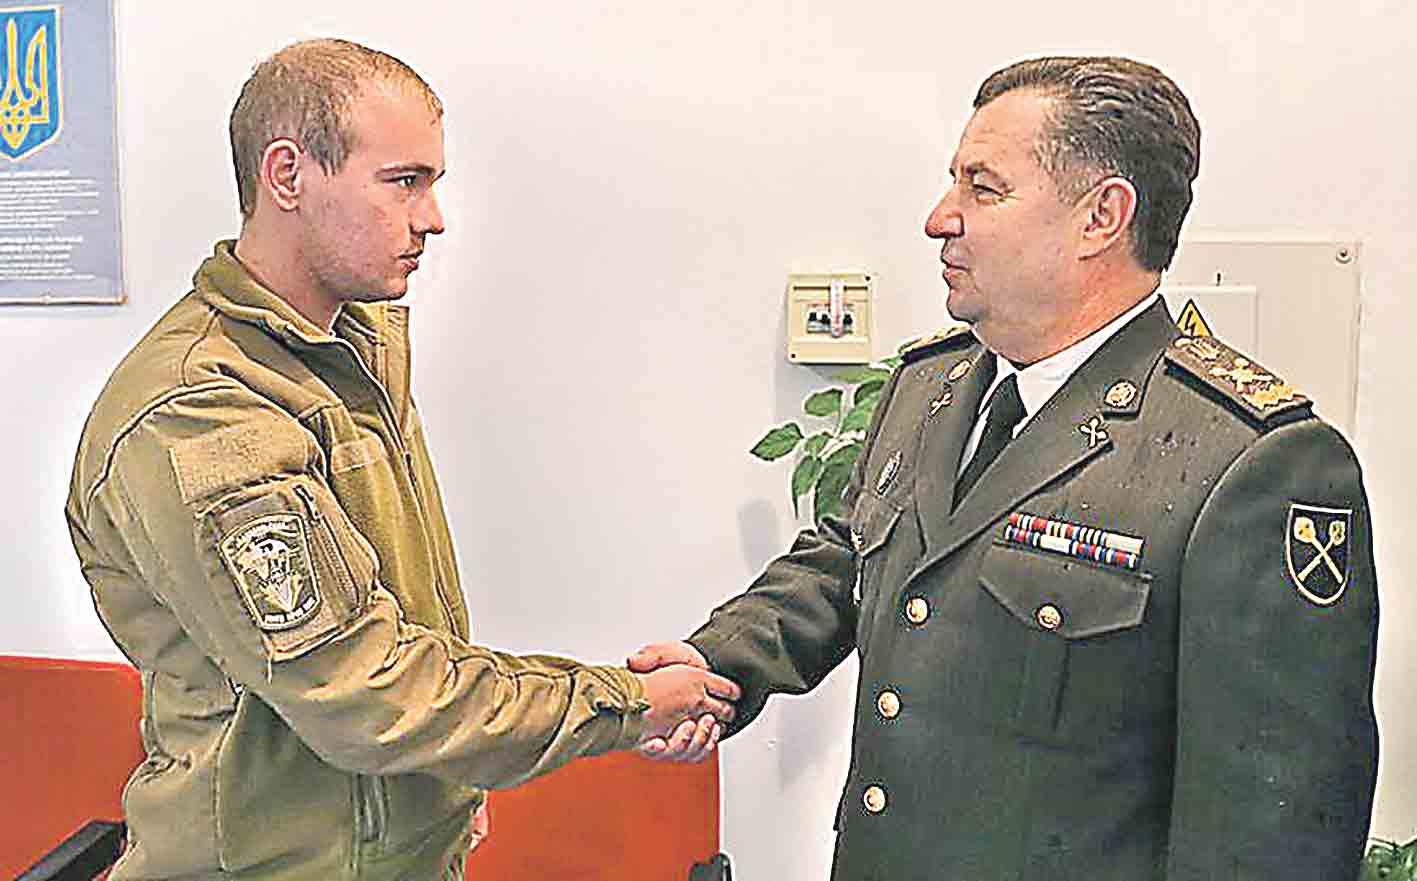 Стріляючи по нас, здавали екзамени випускники артилерійського училища із Росії